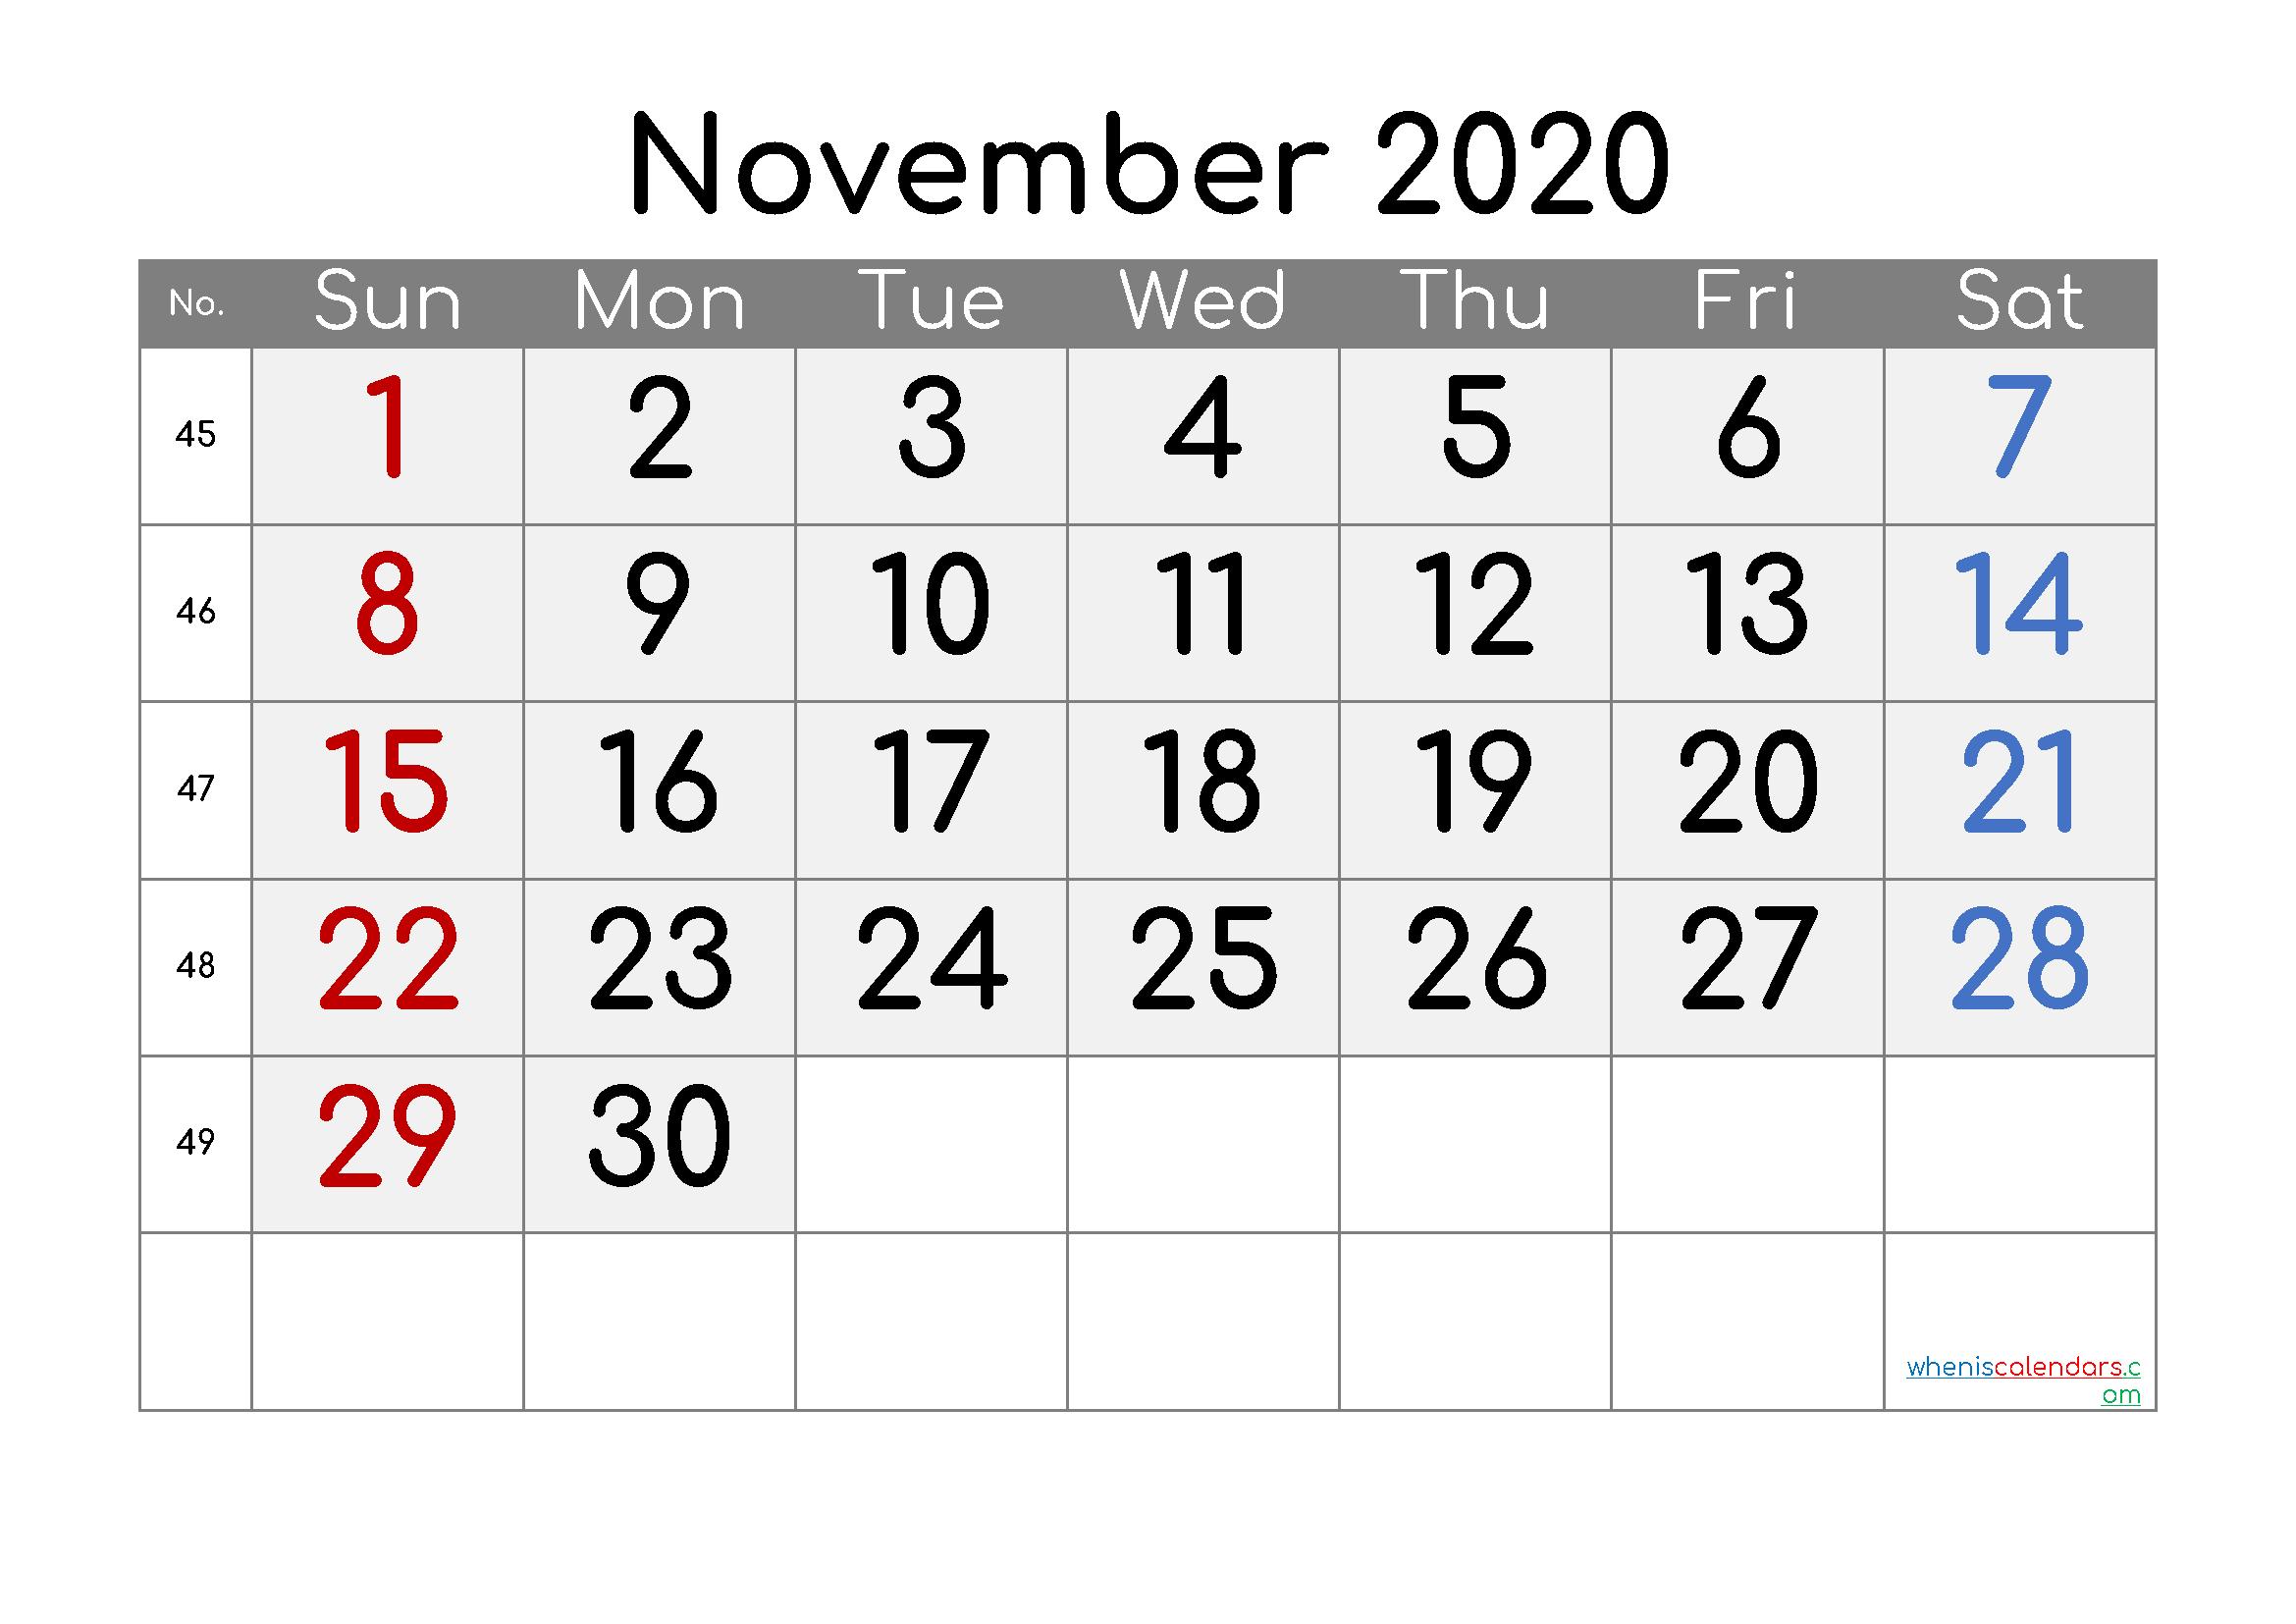 Free November 2020 Calendar with Week Numbers